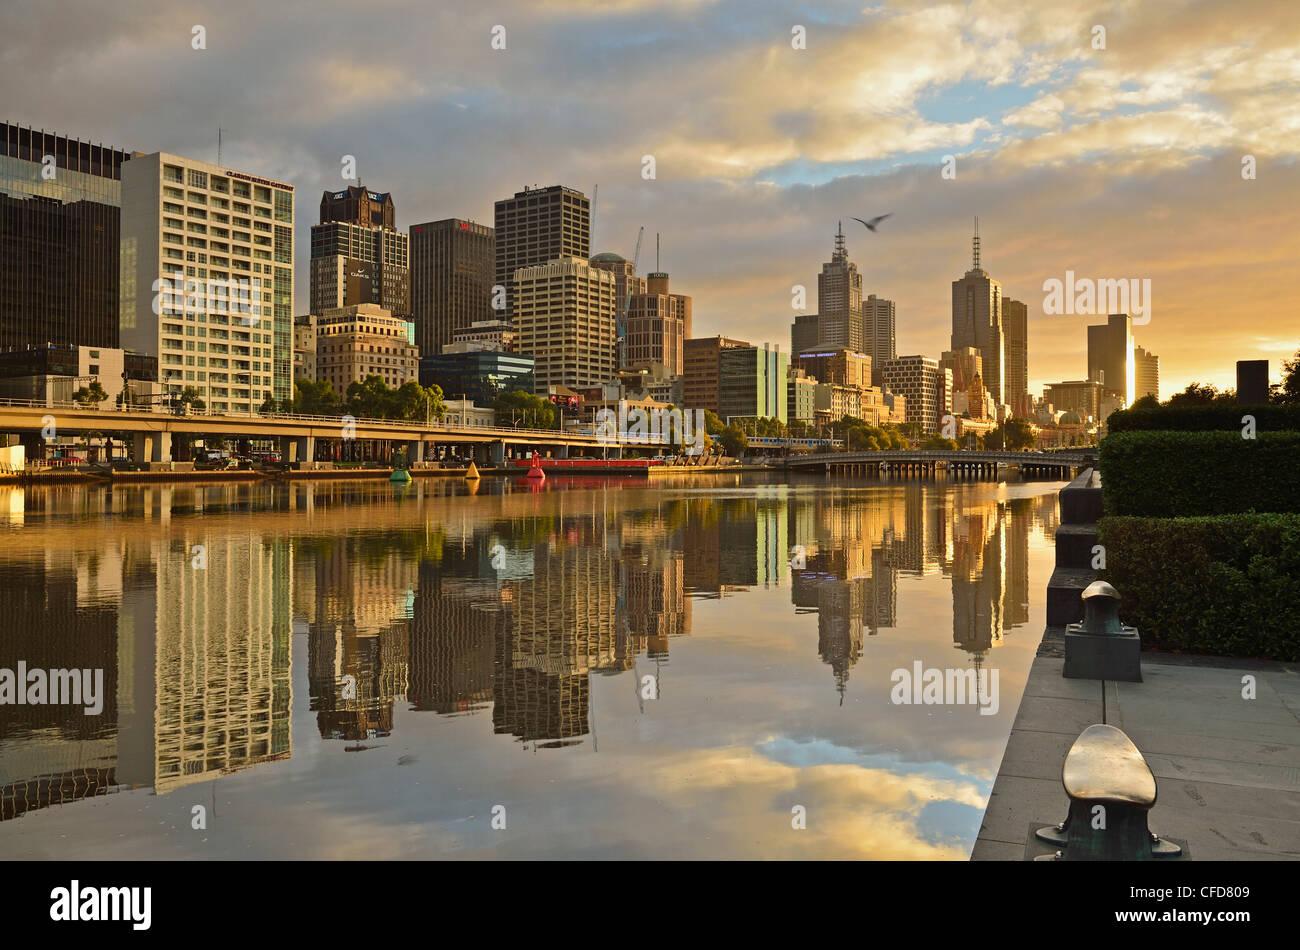 Al amanecer, el Distrito Central de Negocios de Melbourne (CBD) y el Río Yarra, Melbourne, Victoria, Australia, Imagen De Stock